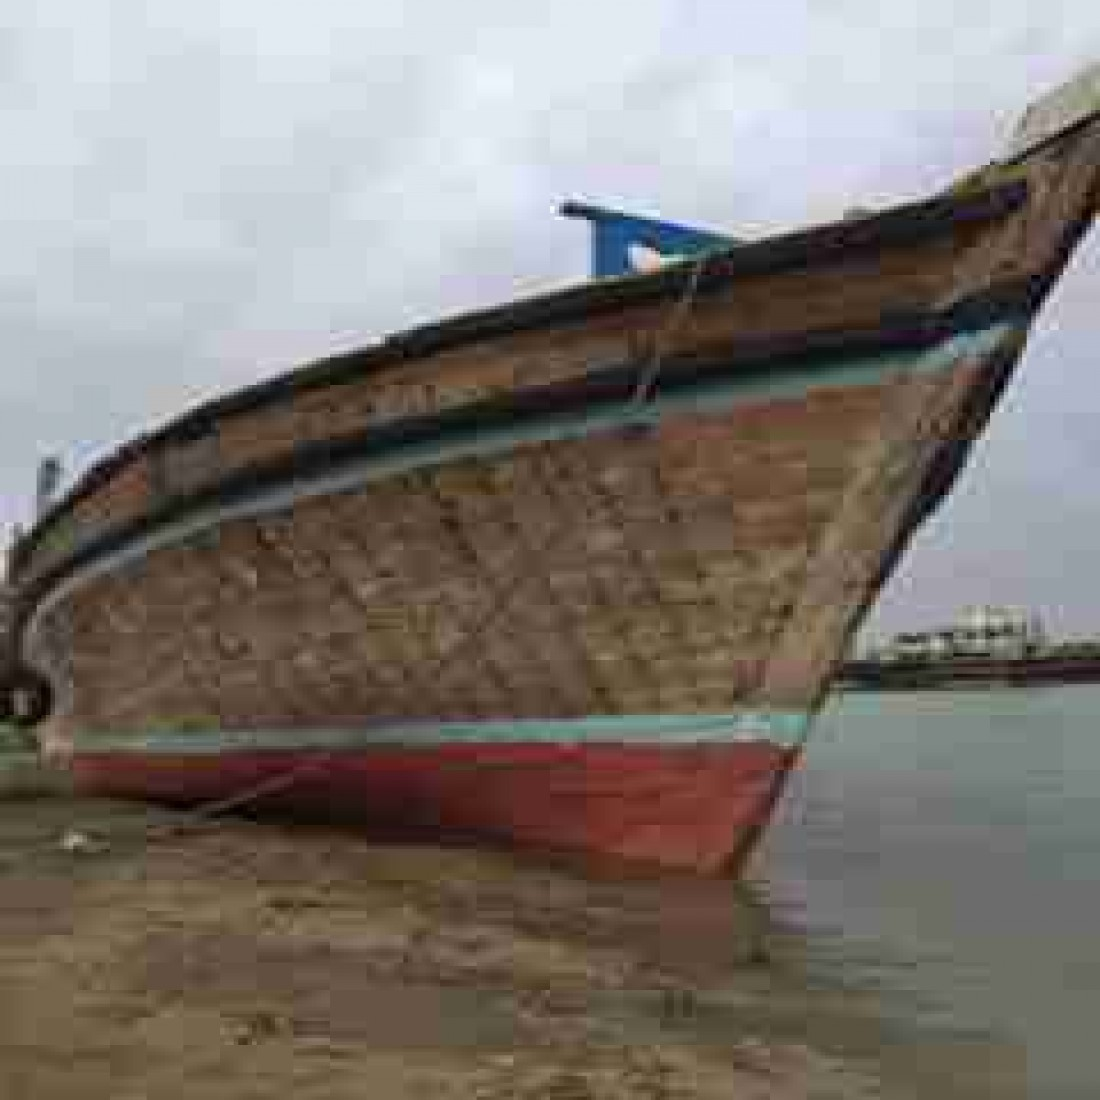 فروش لنج چوبی ۱۲۰ تنی - موتور میتسبوشی ۳۵۵